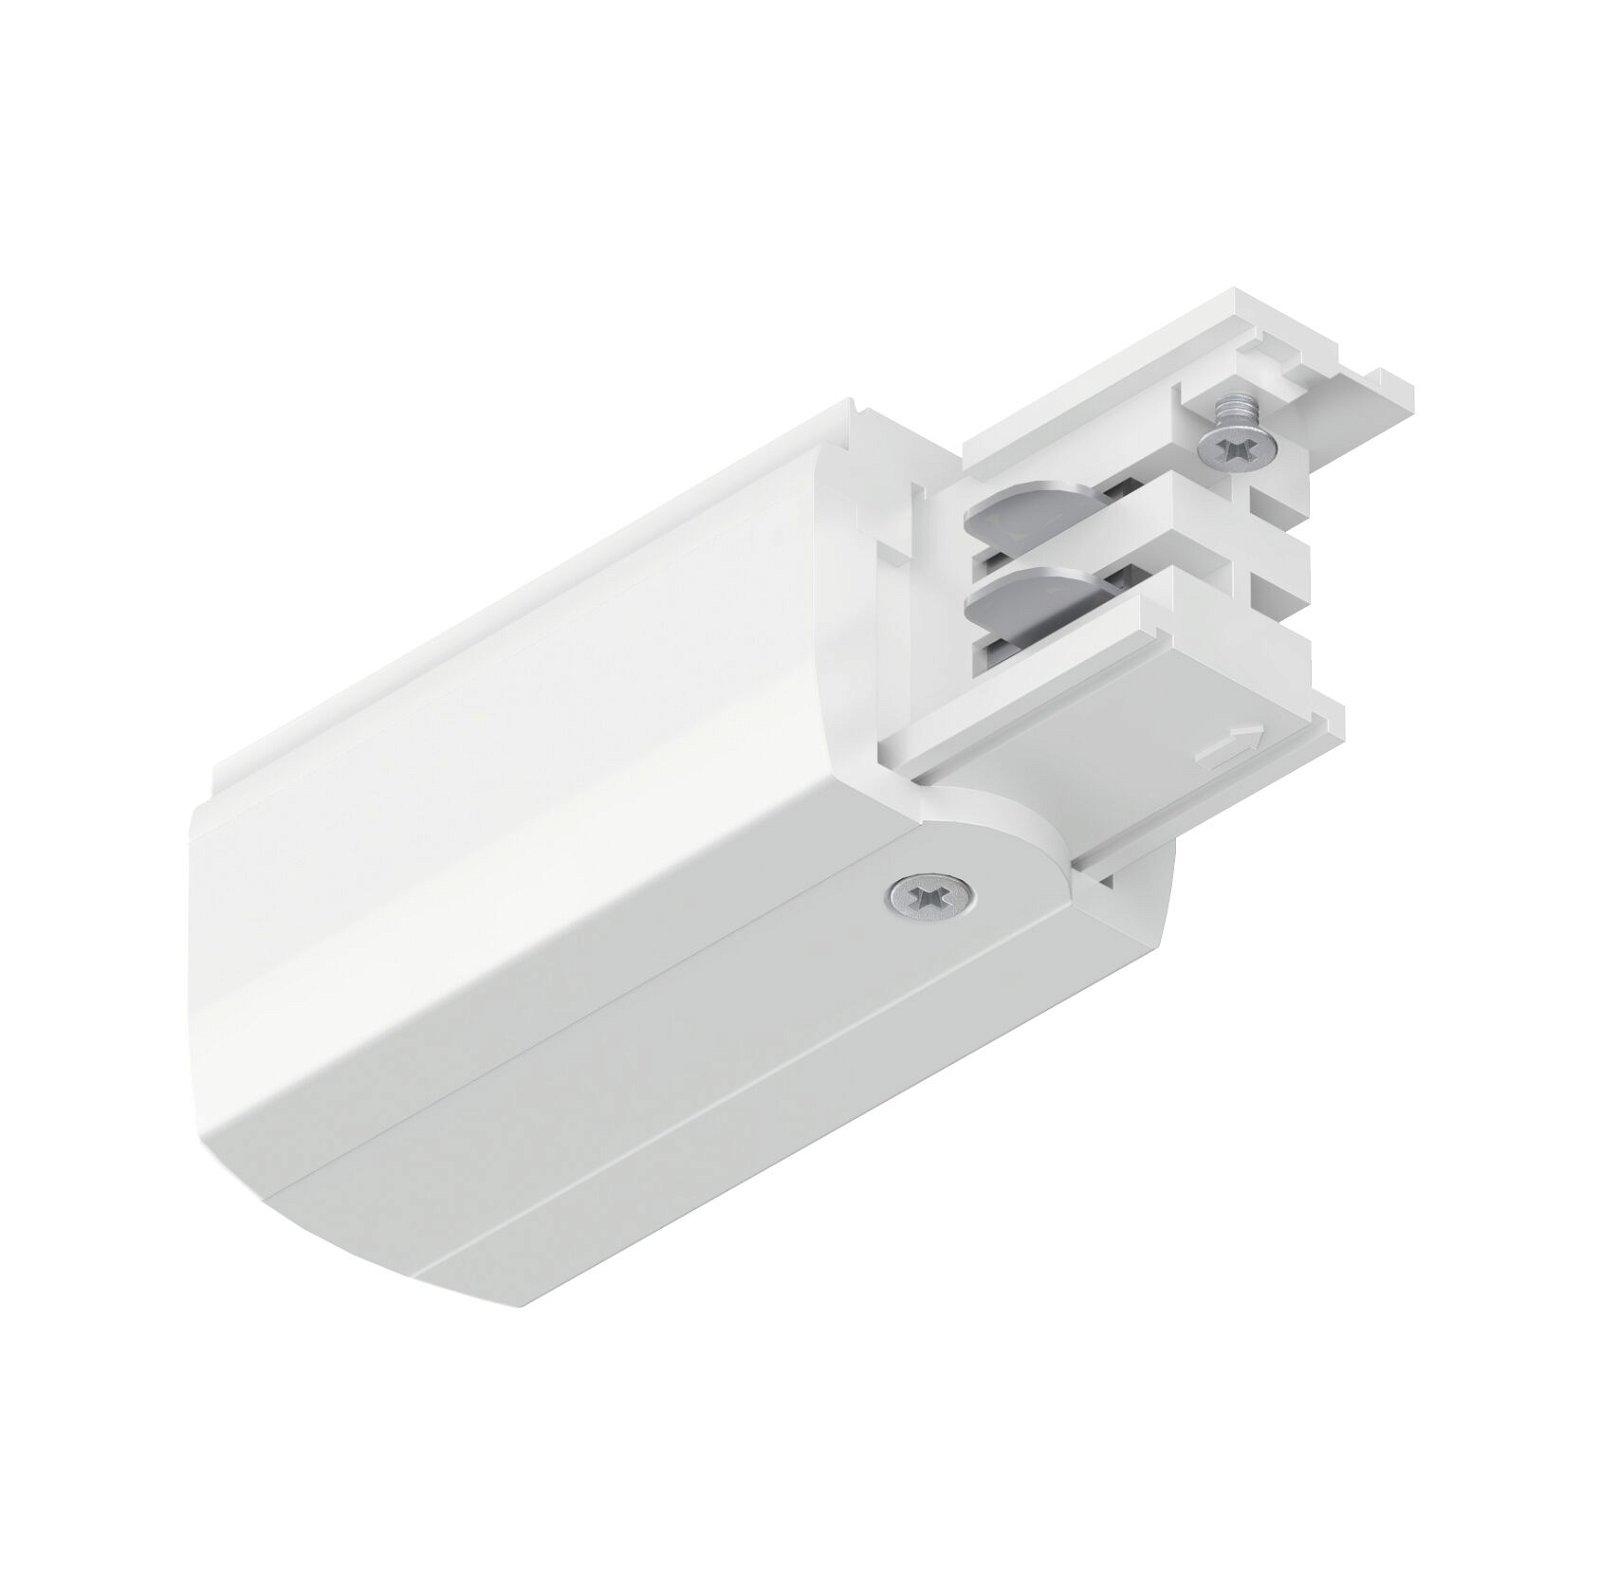 ProRail3 Einspeisung Ende Rechts 99,5x35mm max. 3.680W Weiß